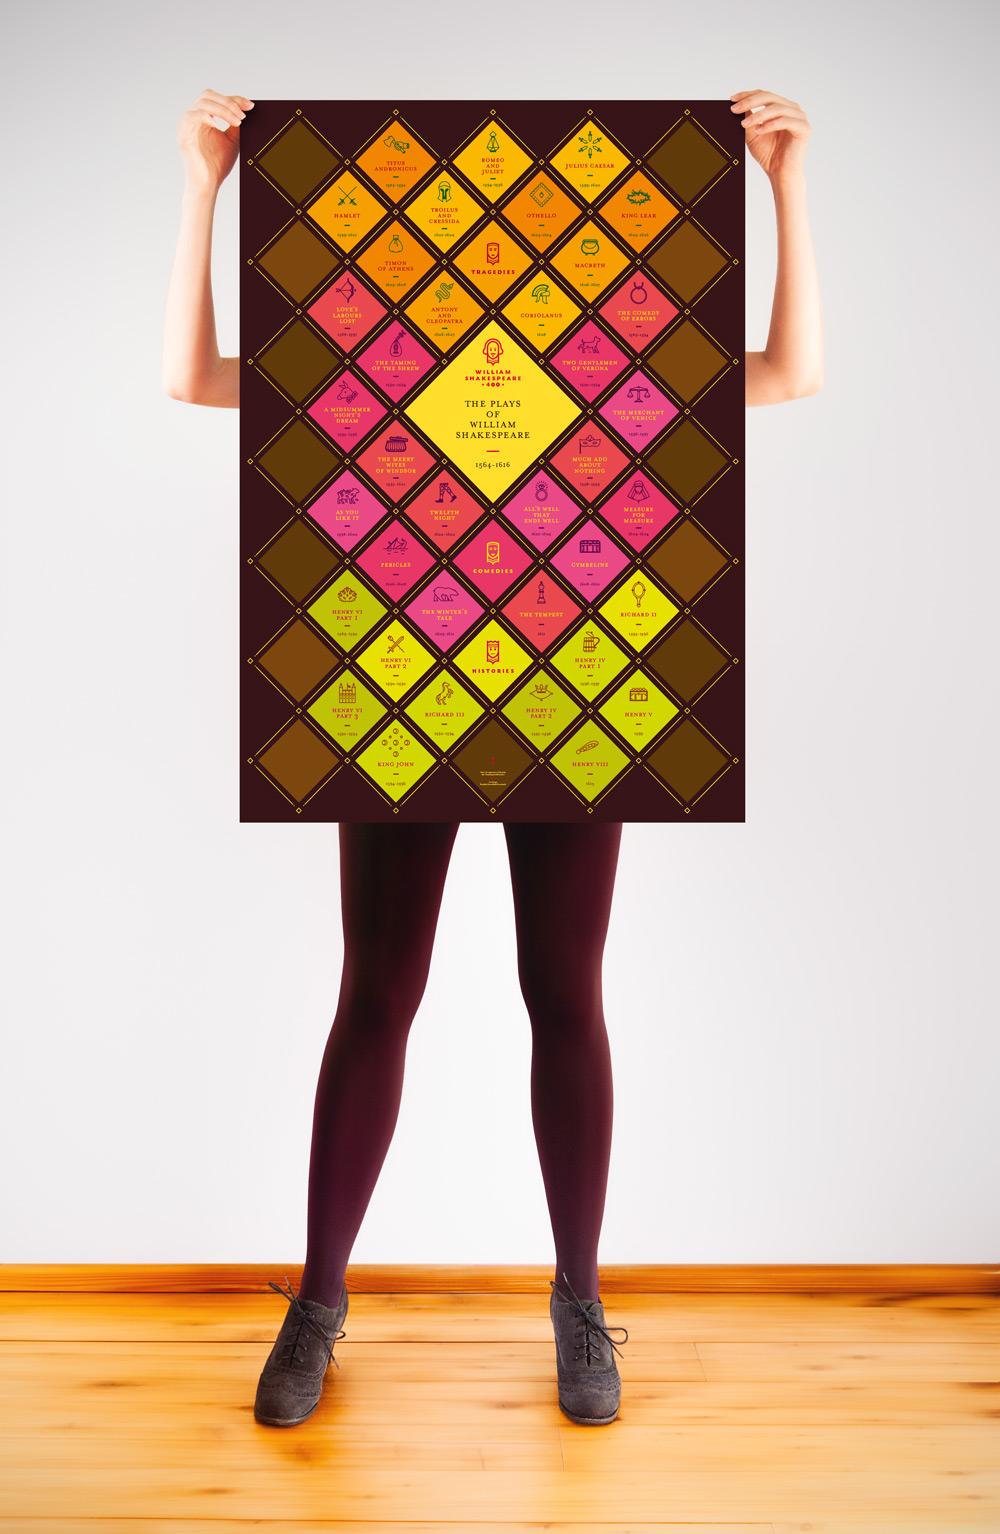 redesign-shakespeare-poster-prev-vn